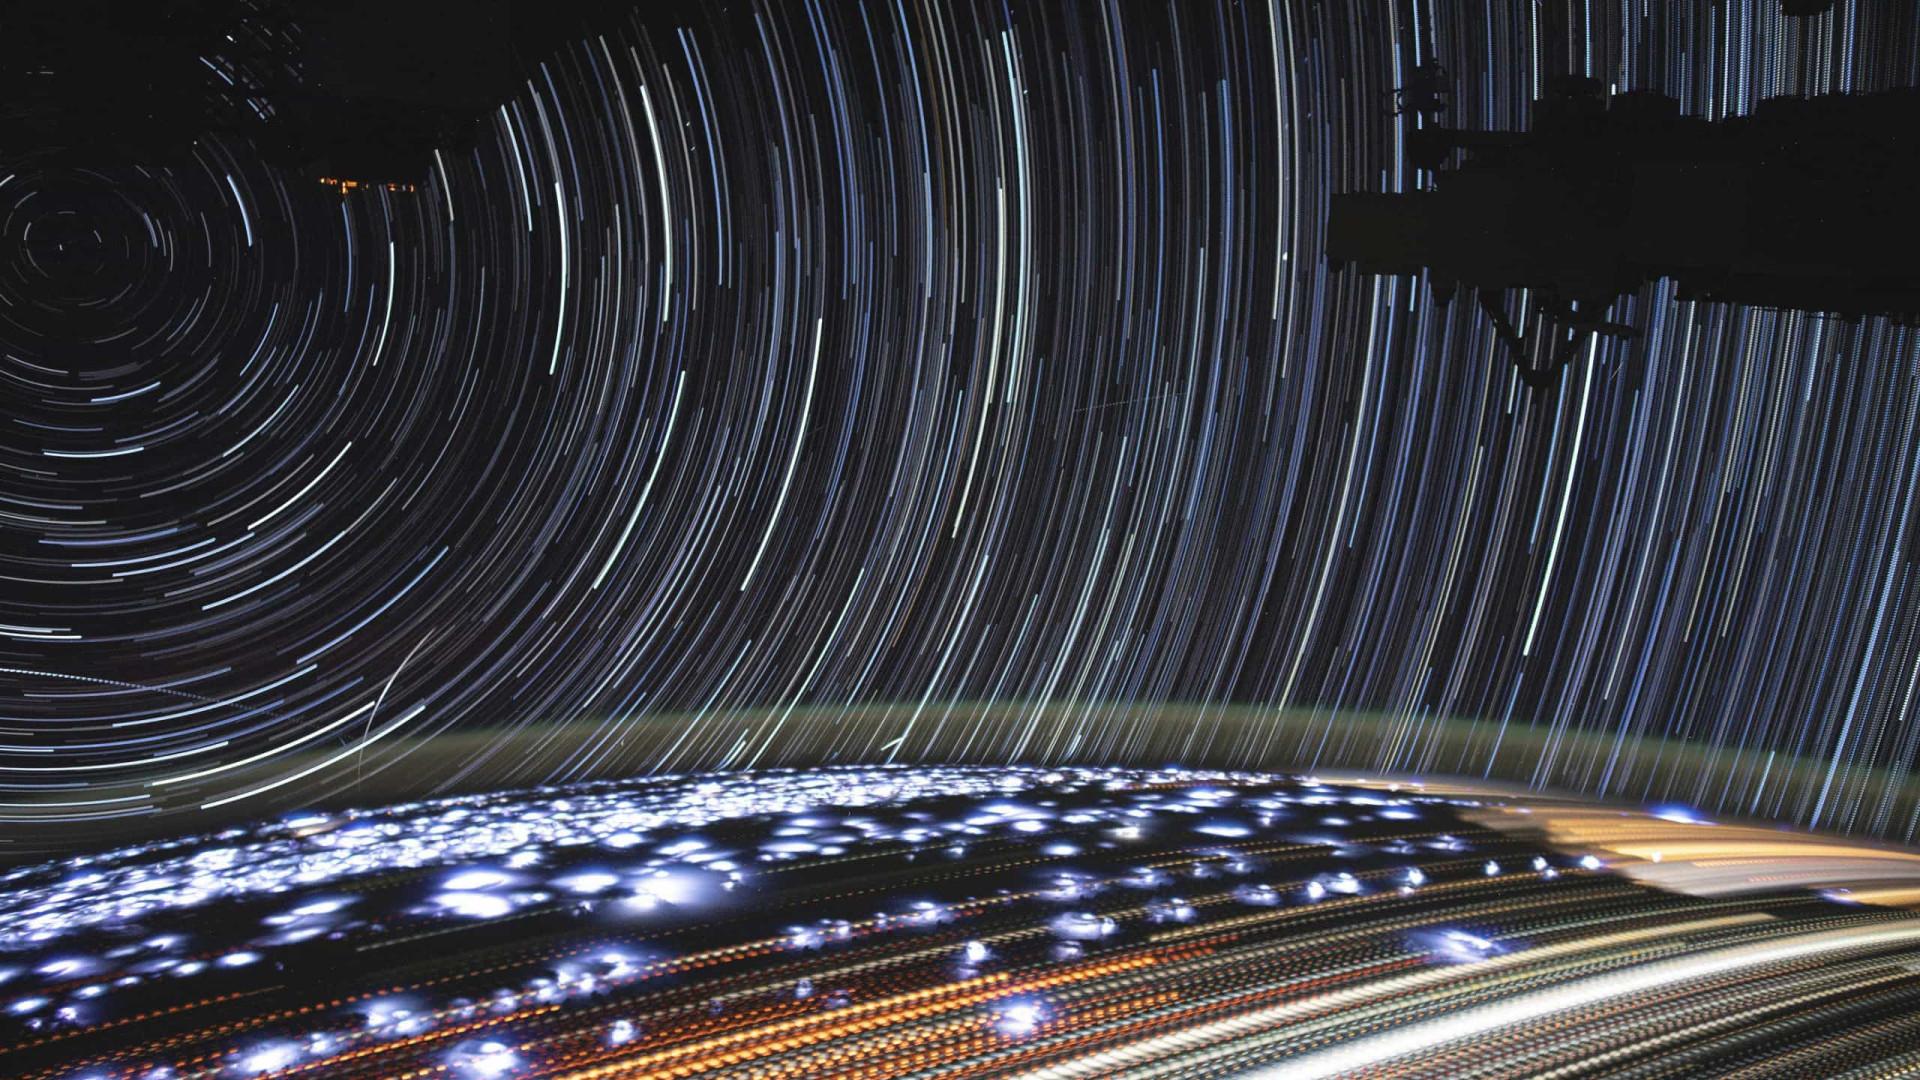 Pesquisadores dizem ter provas da descoberta de um universo paralelo